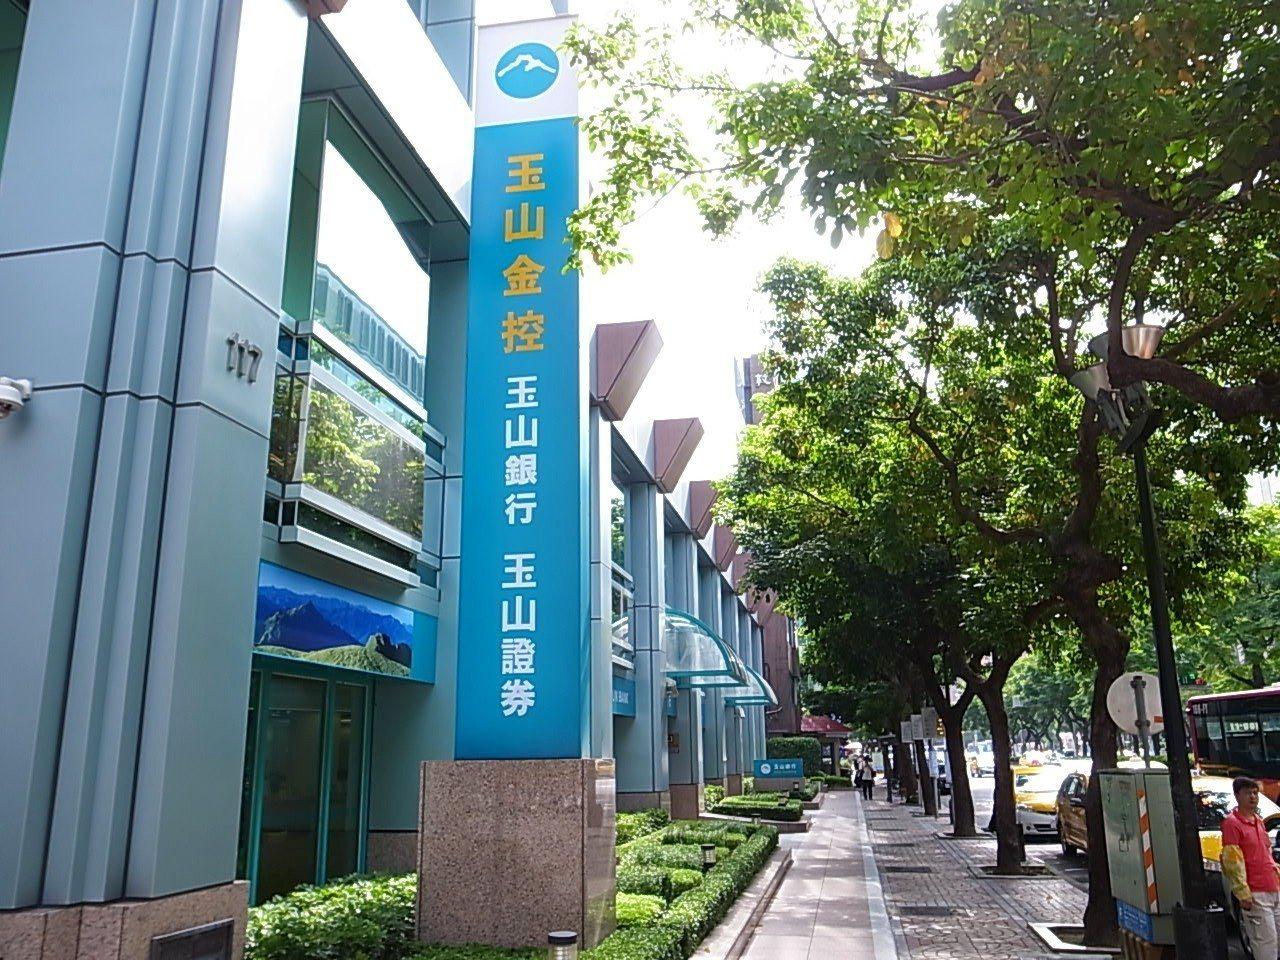 玉山銀行獲國際信評雙A級肯定。圖/玉山提供